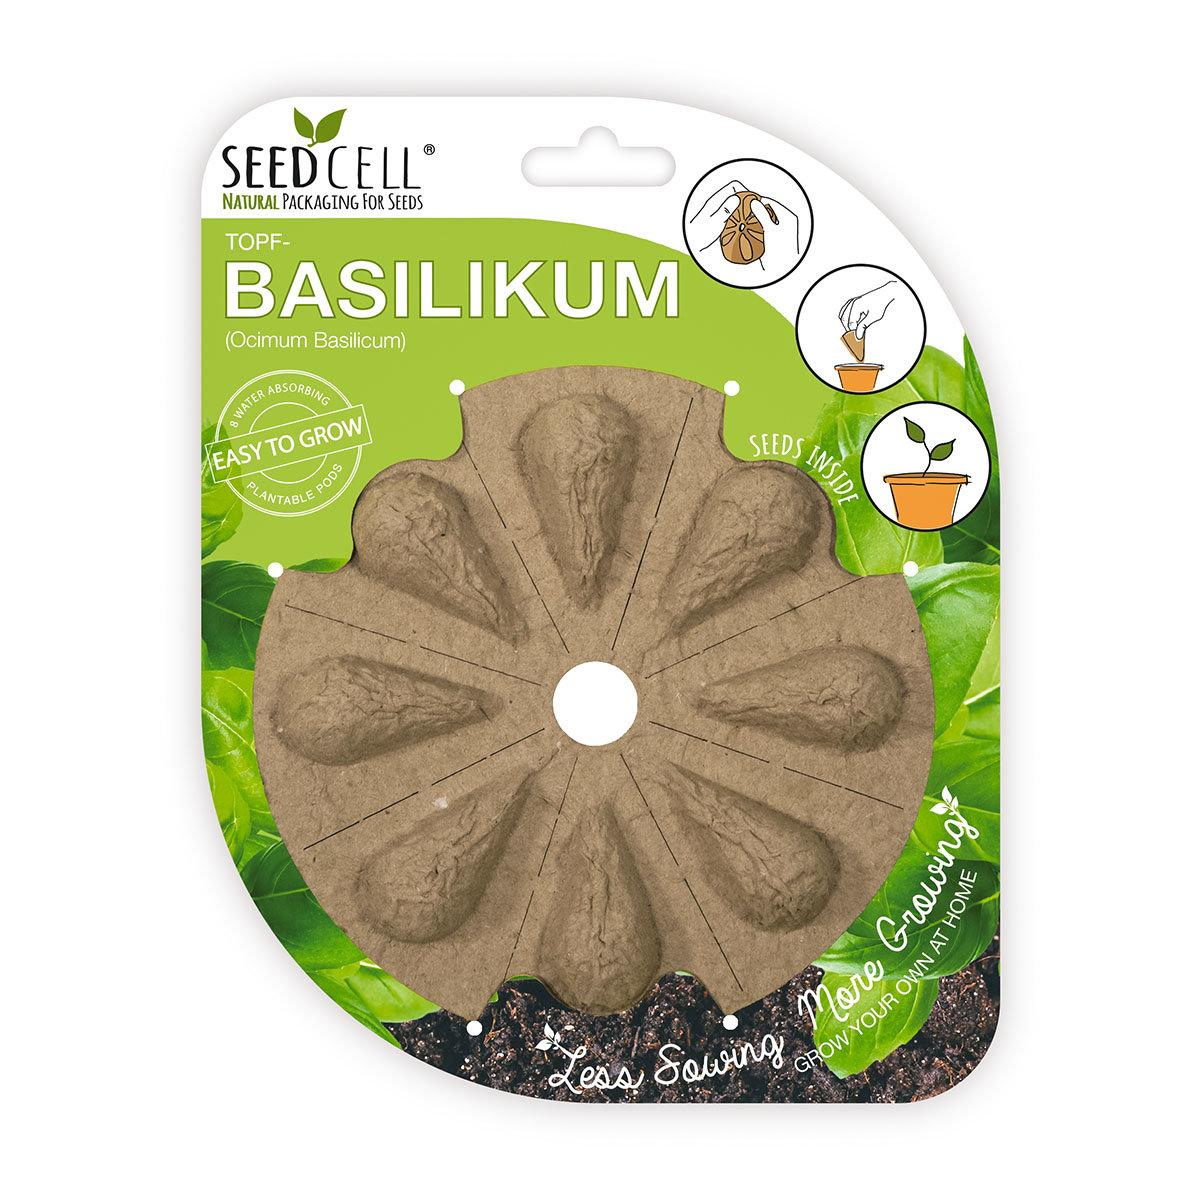 Seedcell Topf-Basilikum, 8 Seedcells